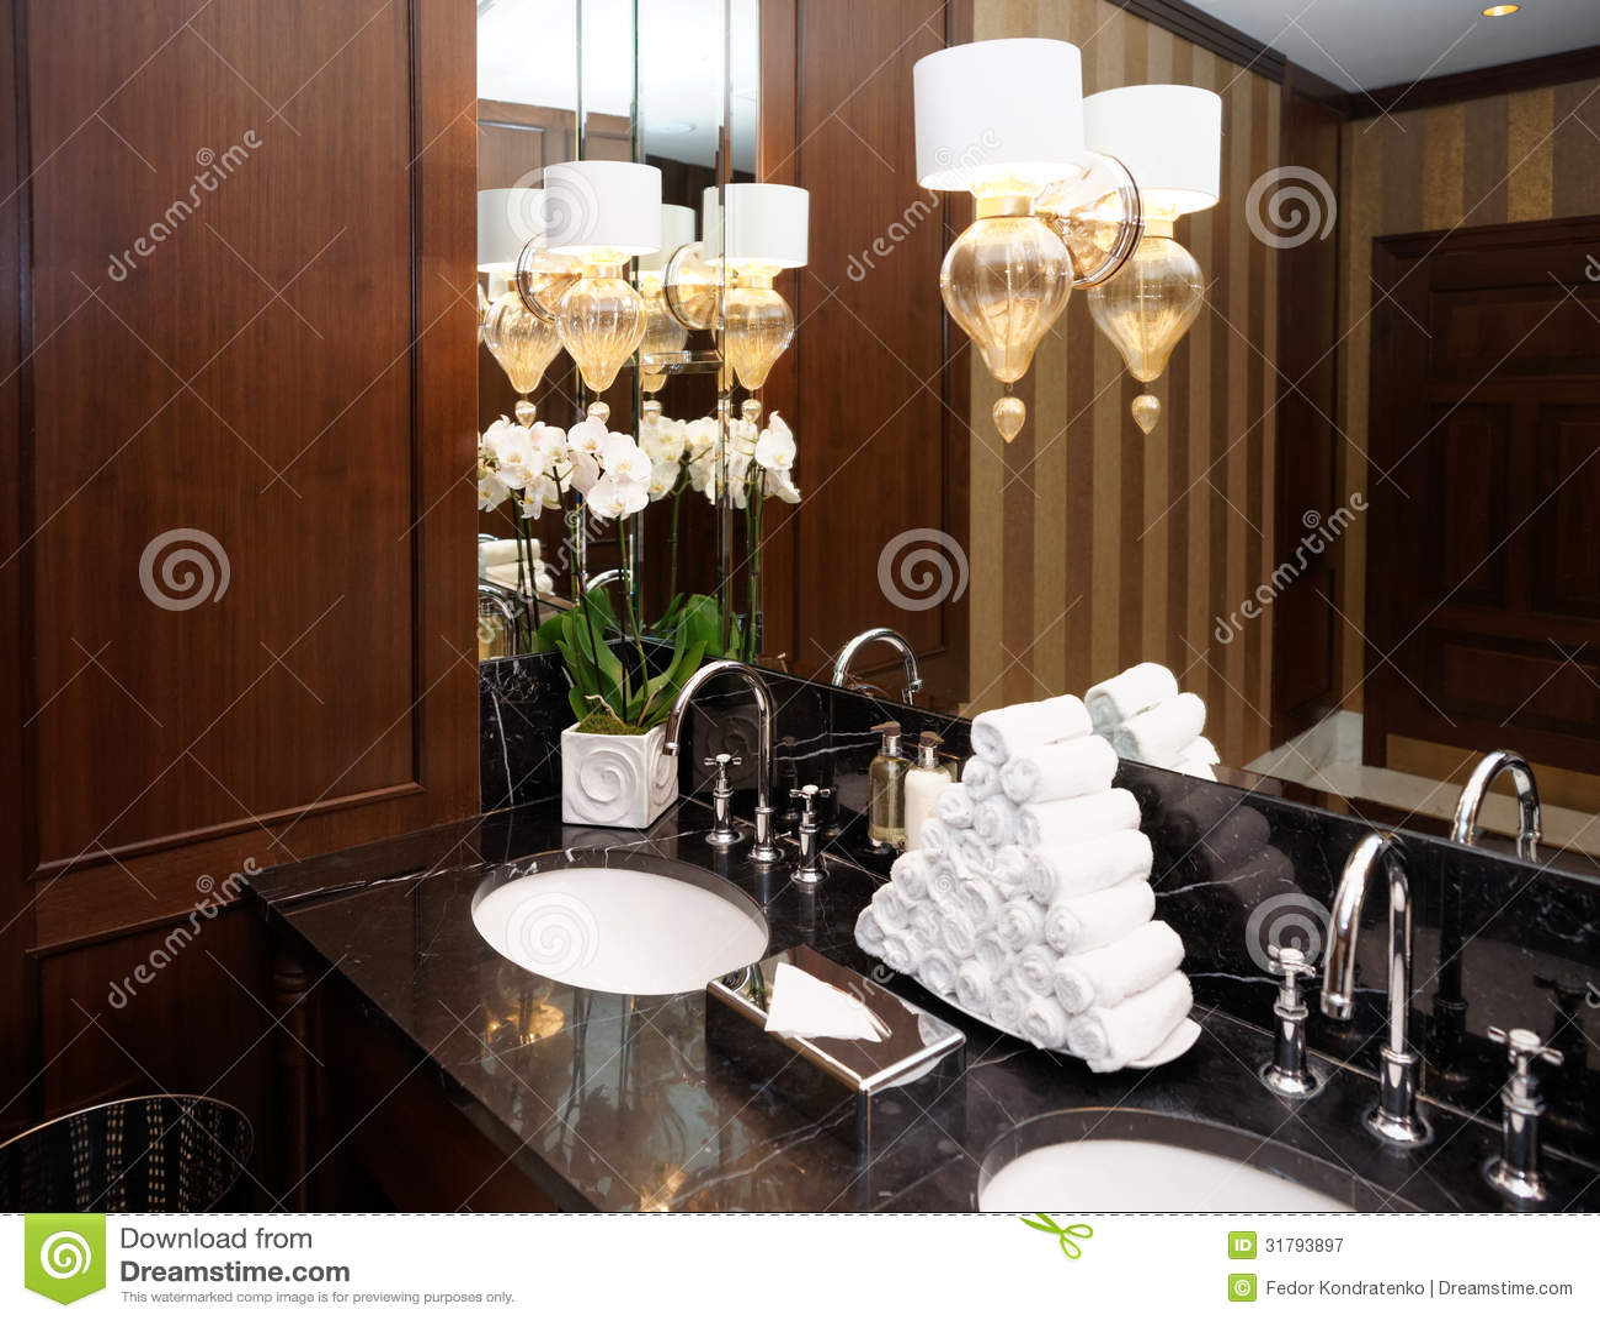 toilettes dans l 39 h tel ou le restaurant image stock image du fleurs porcelaine 31793897. Black Bedroom Furniture Sets. Home Design Ideas